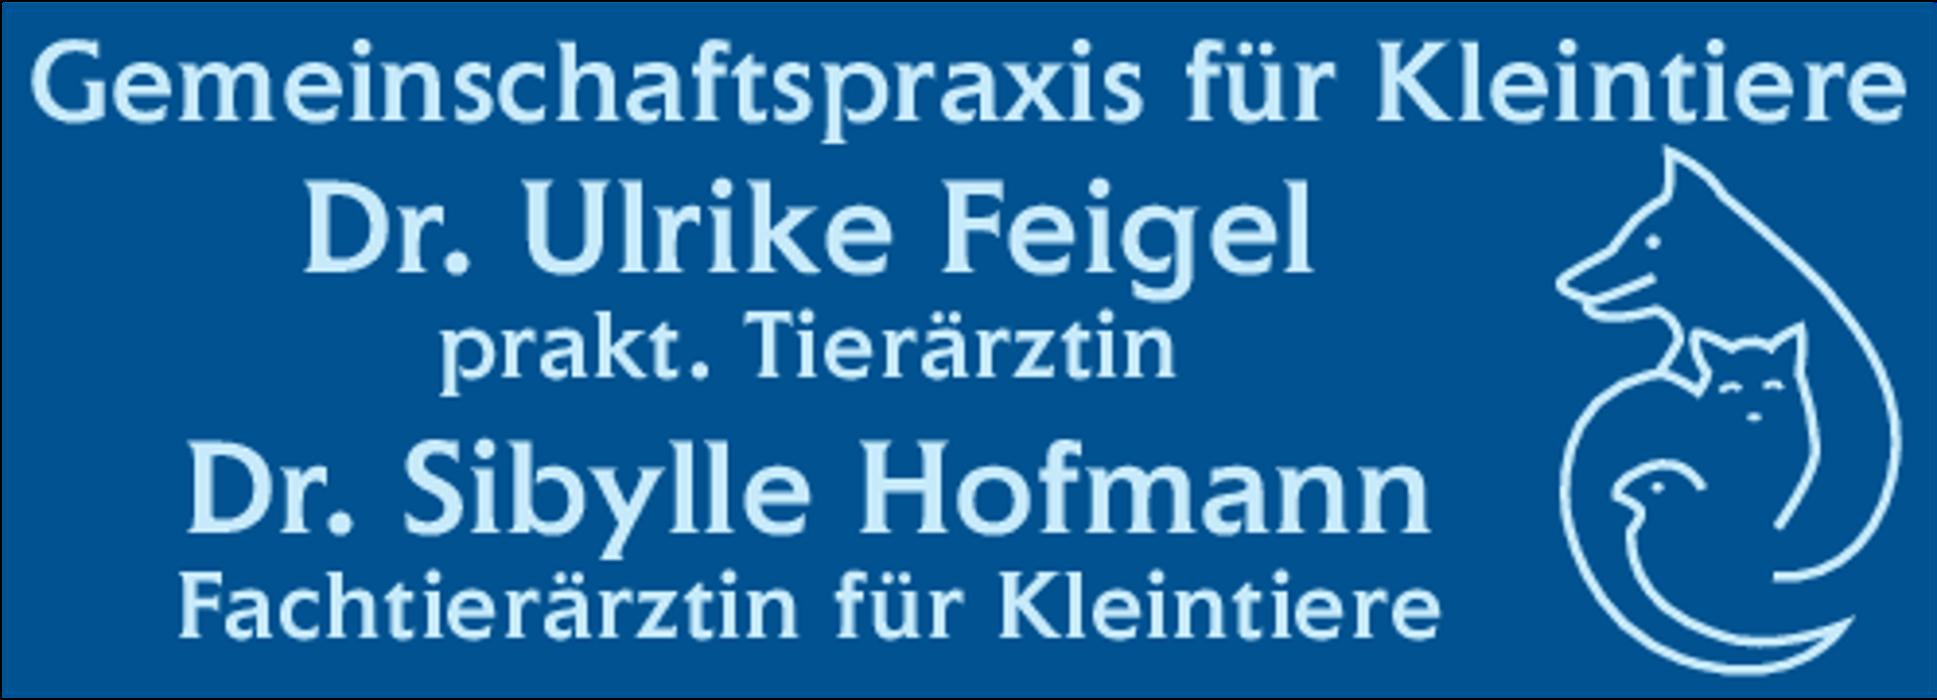 Bild zu Gemeinschaftspraxis für Kleintiere, GbR Dr. Ulrike Feigel und Dr. Sibylle Hofmann in Landshut